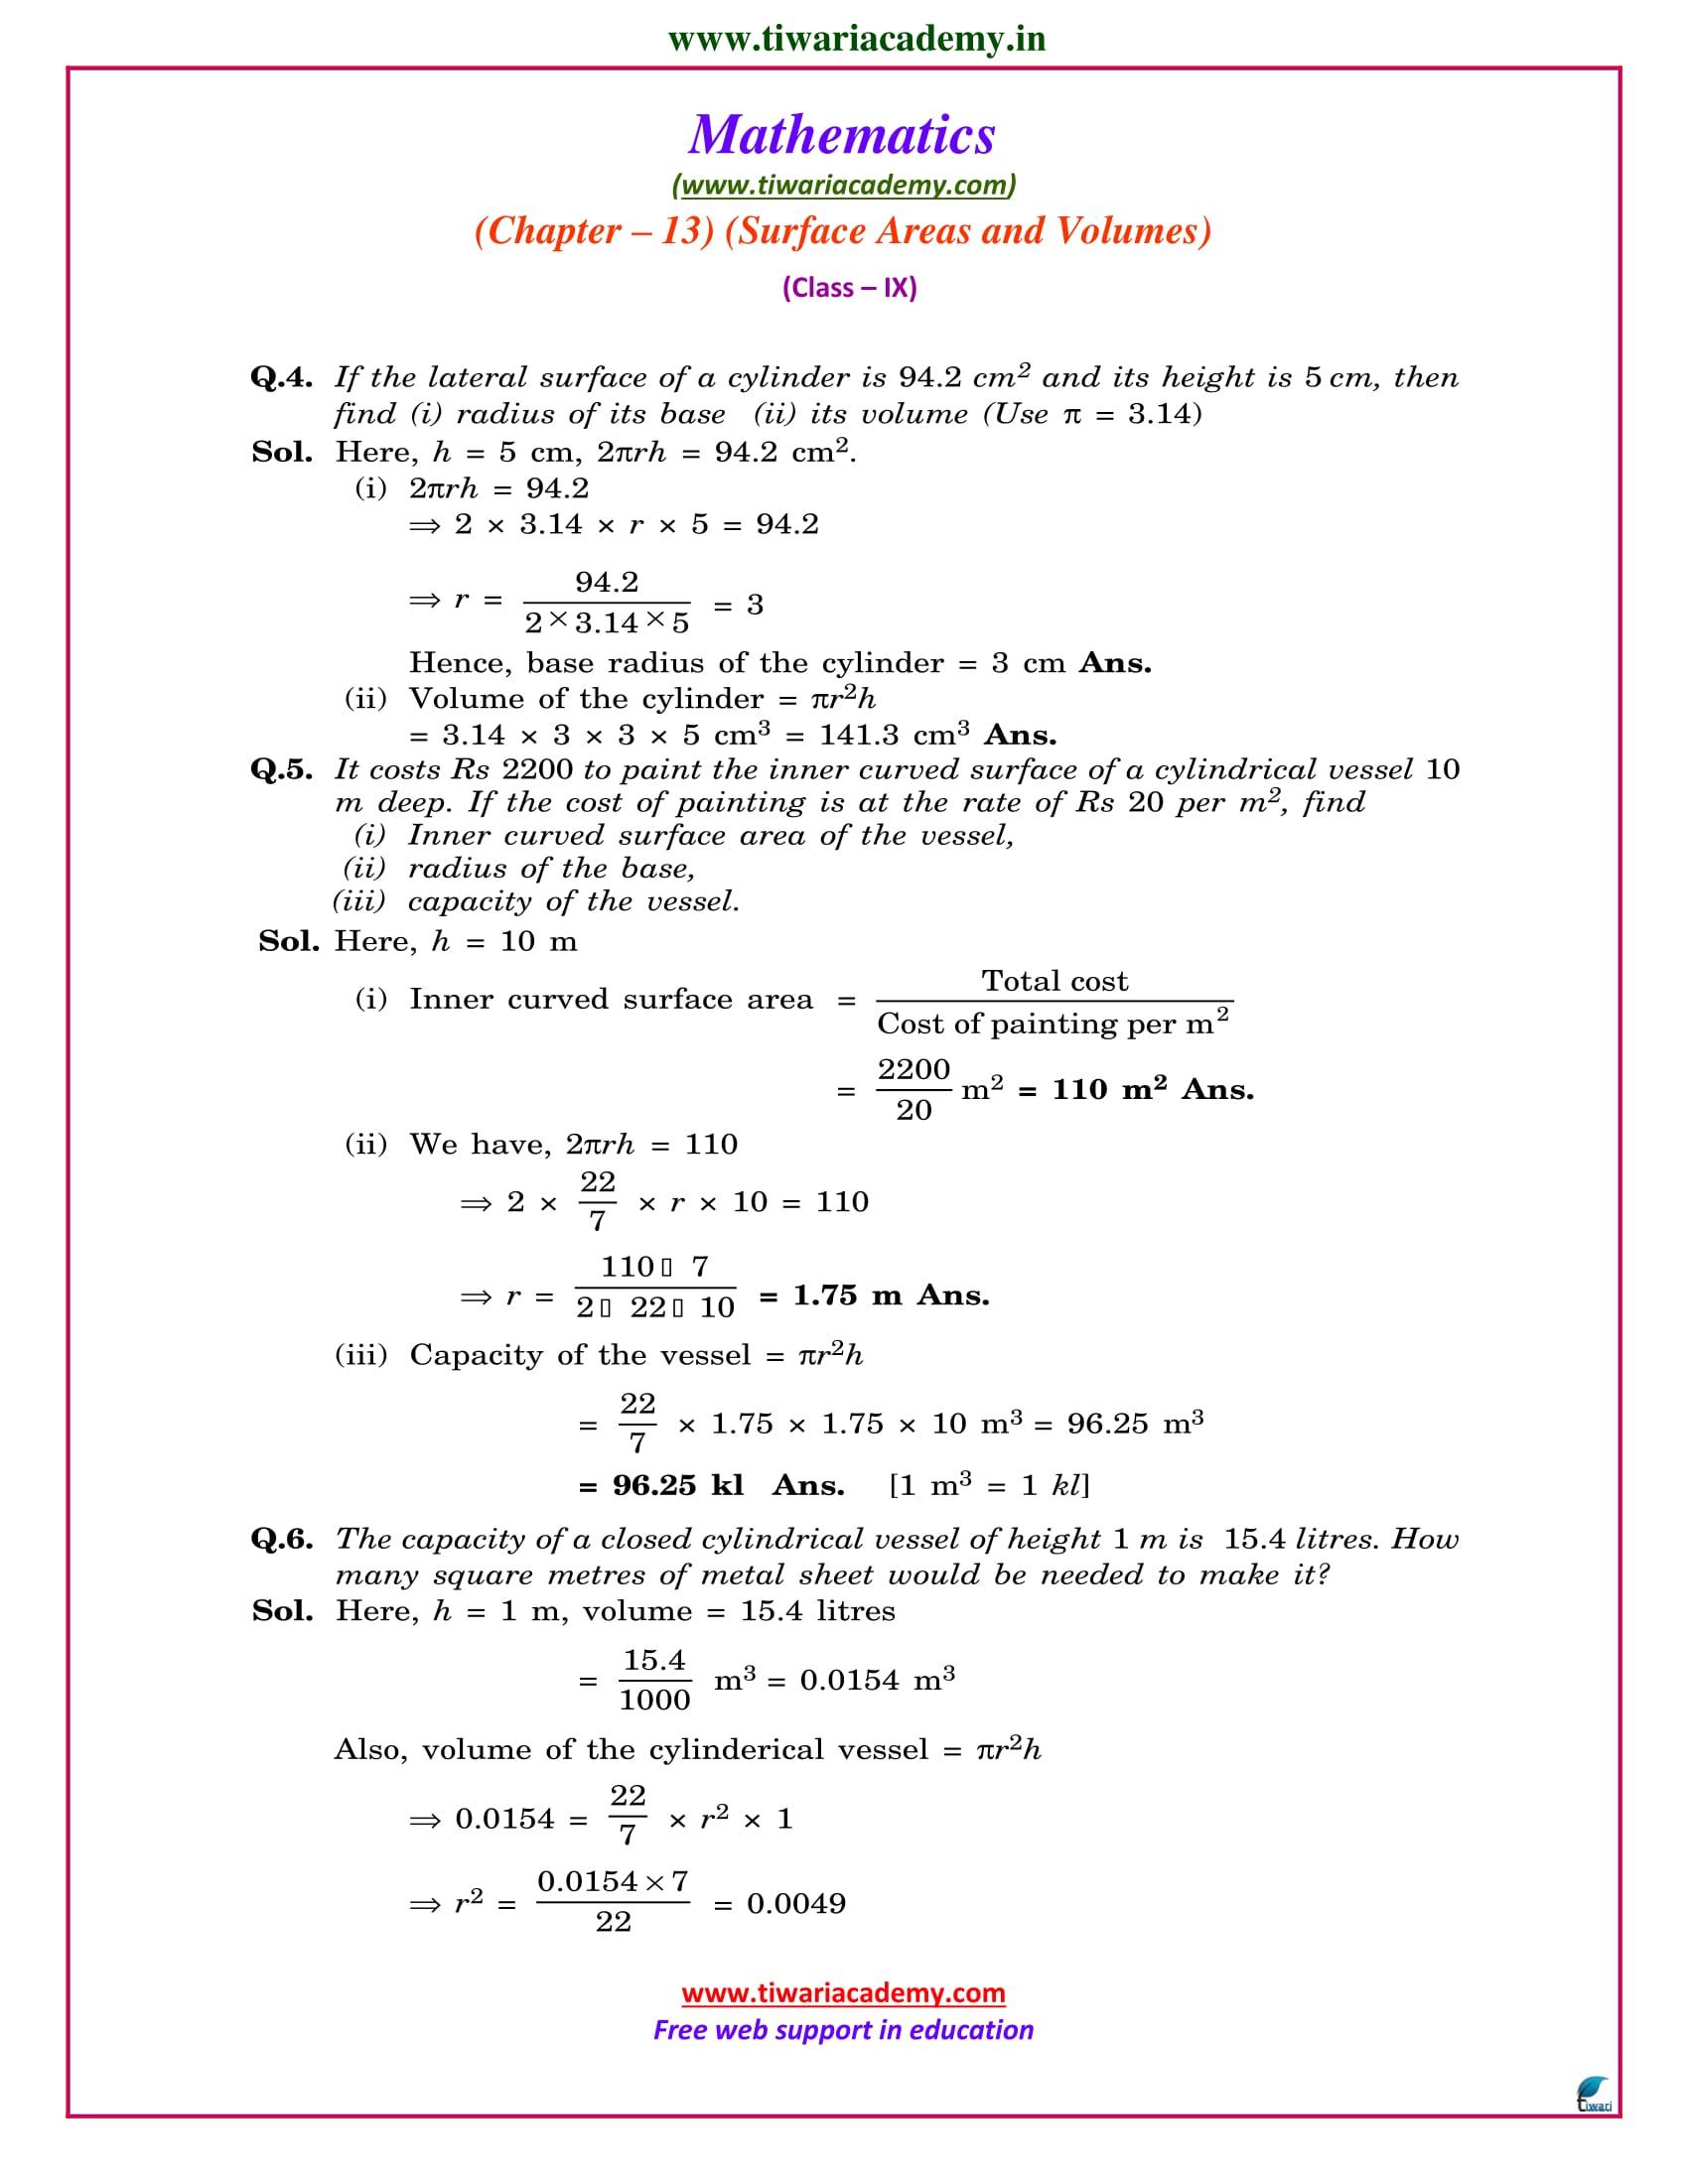 9 maths chapter 13.6 ncert solutions